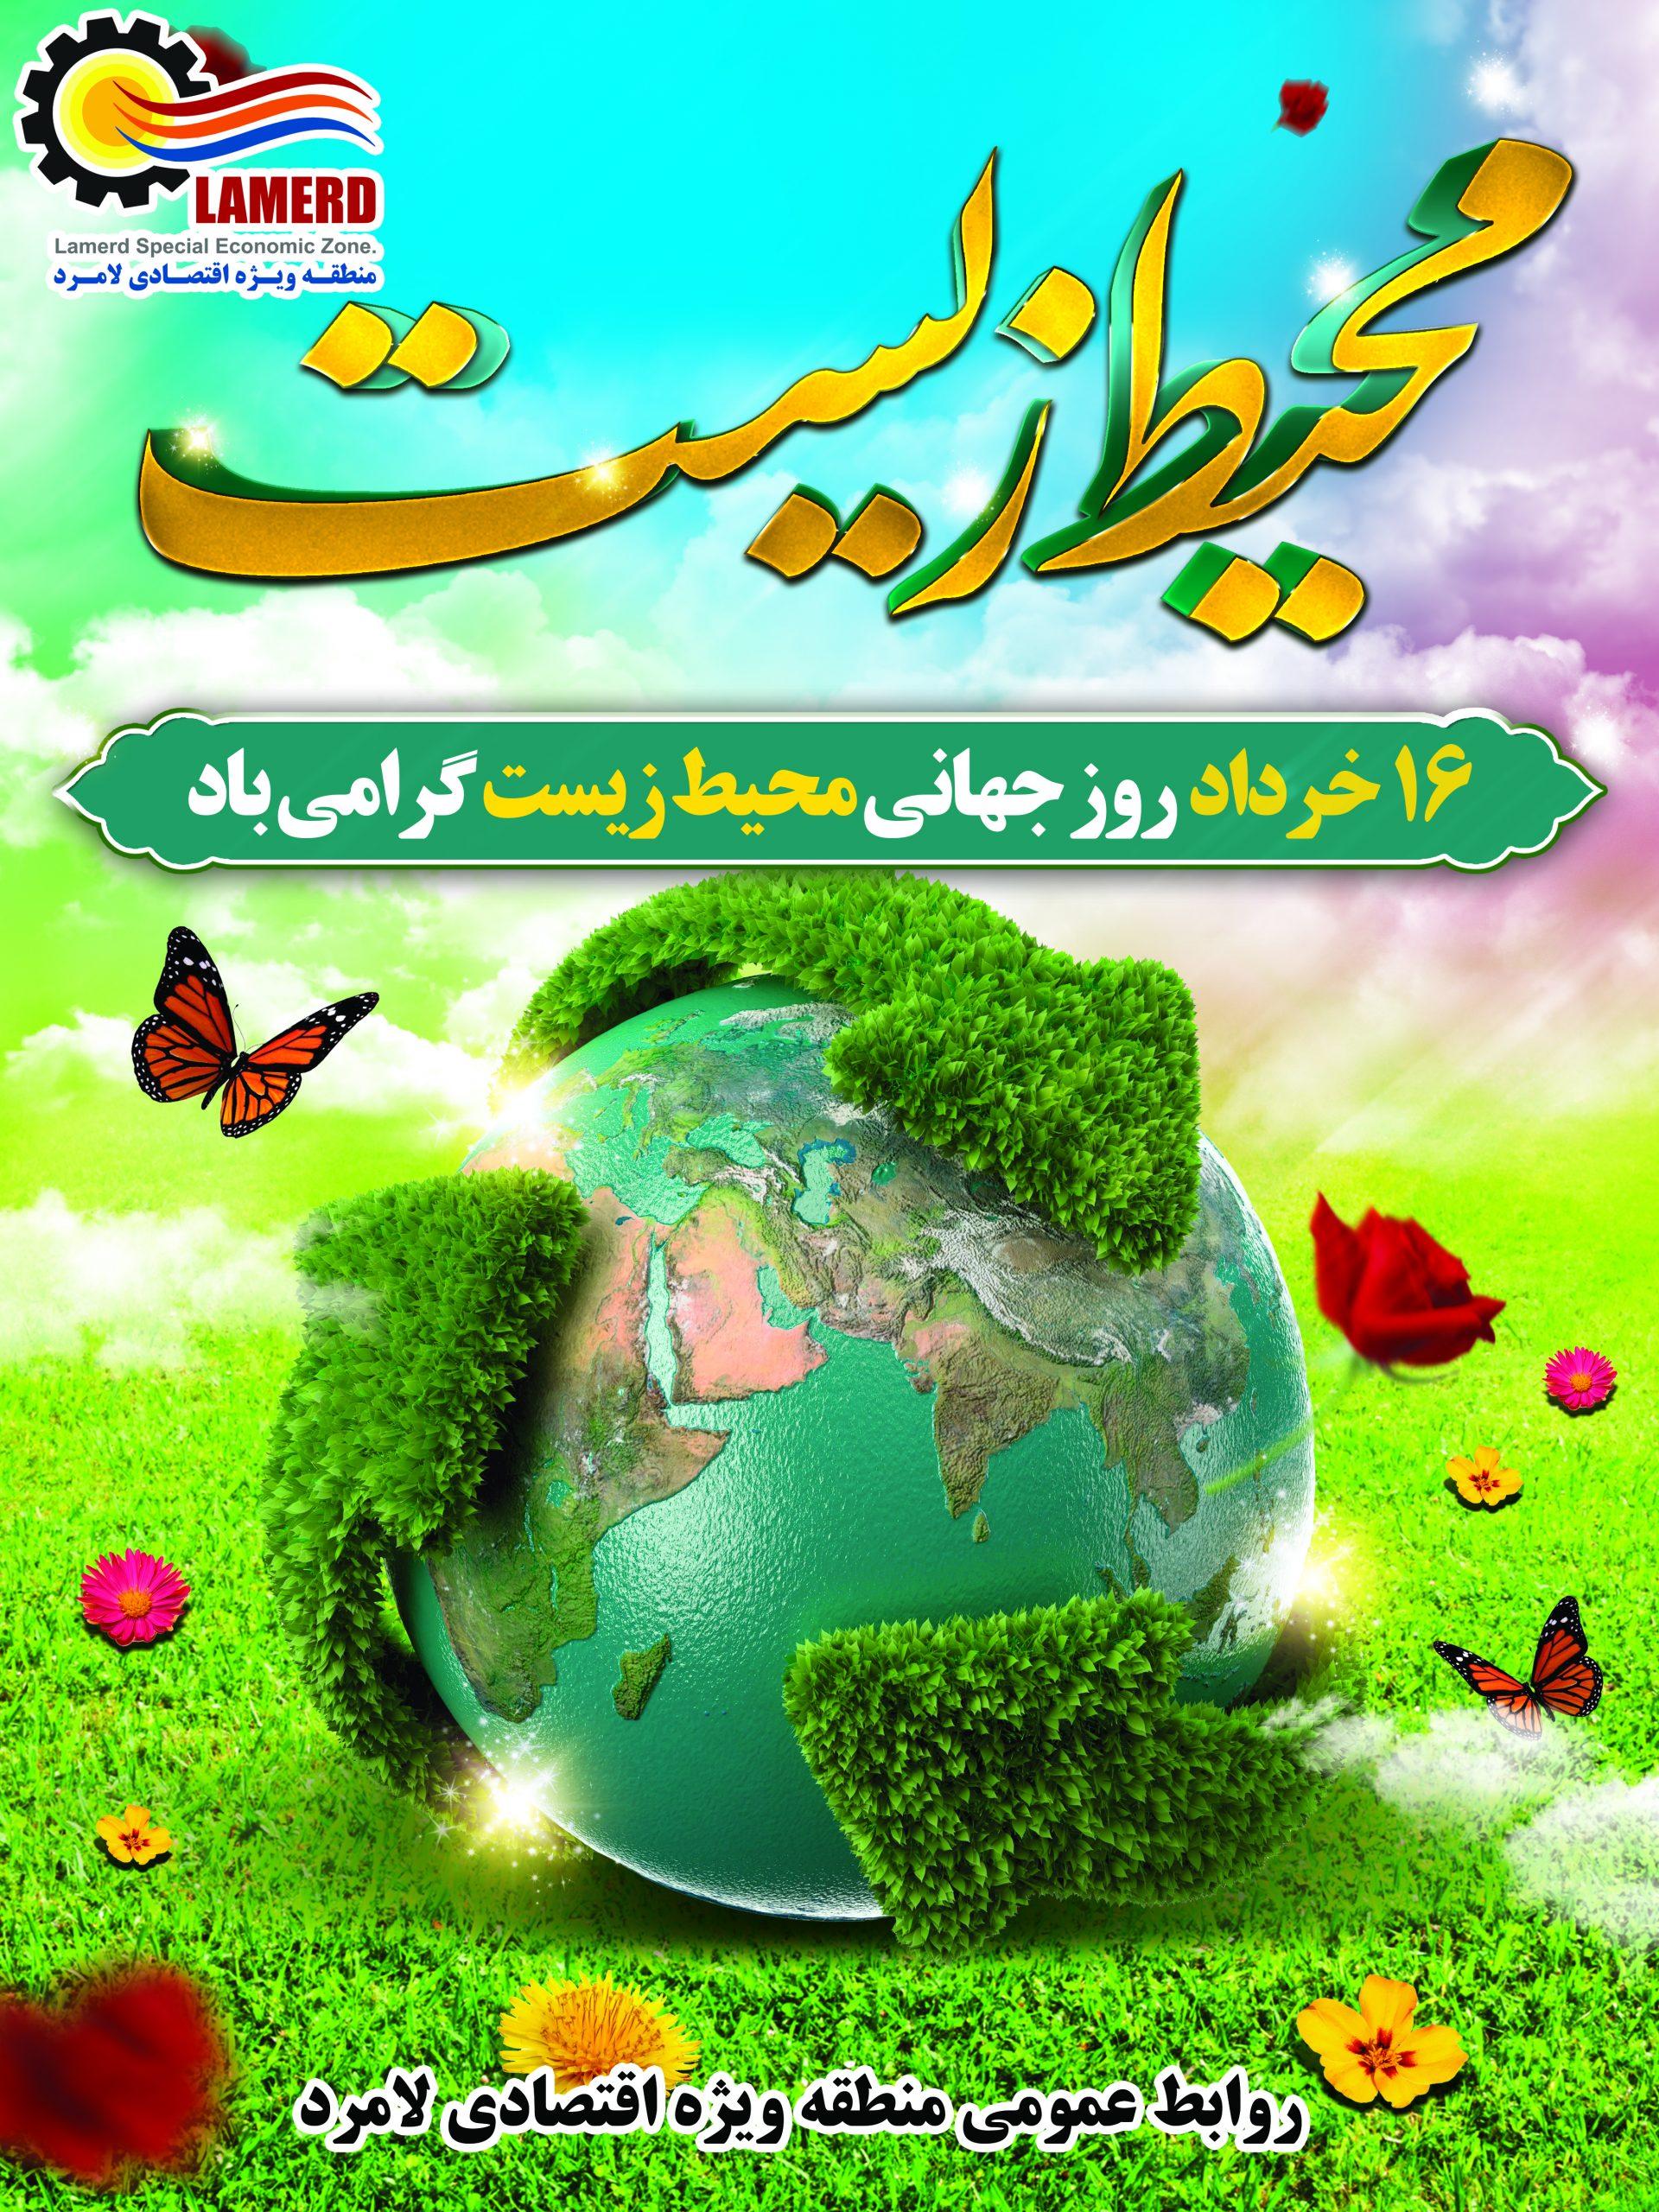 پیام مدیرعامل منطقه ویژه اقتصادی لامرد به مناسبت روز جهانی محیط زیست